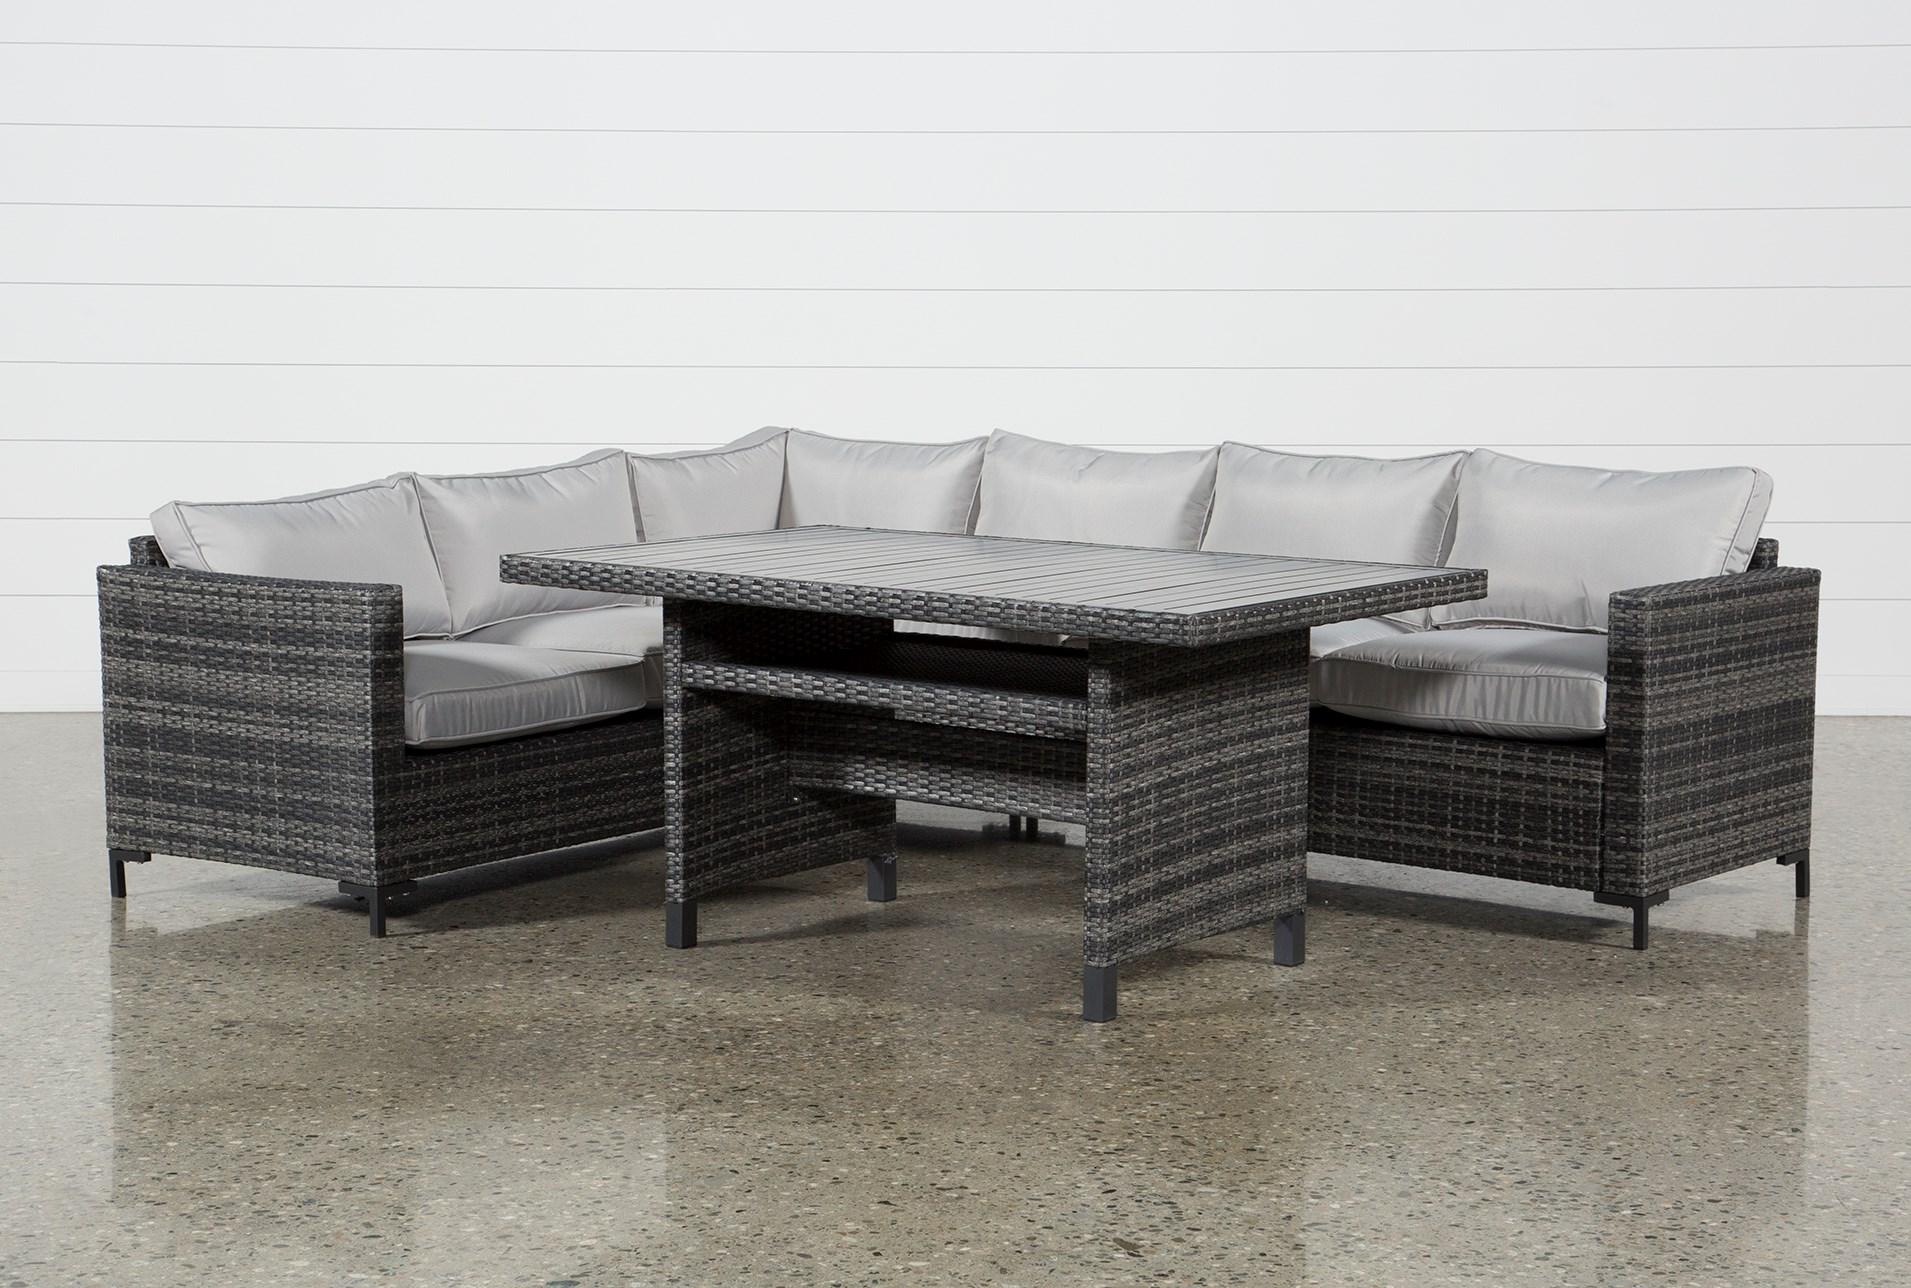 Attraktiv Lounge Outdoor Sammlung Von Domingo Banquette (qty: 1) Has Been Successfully